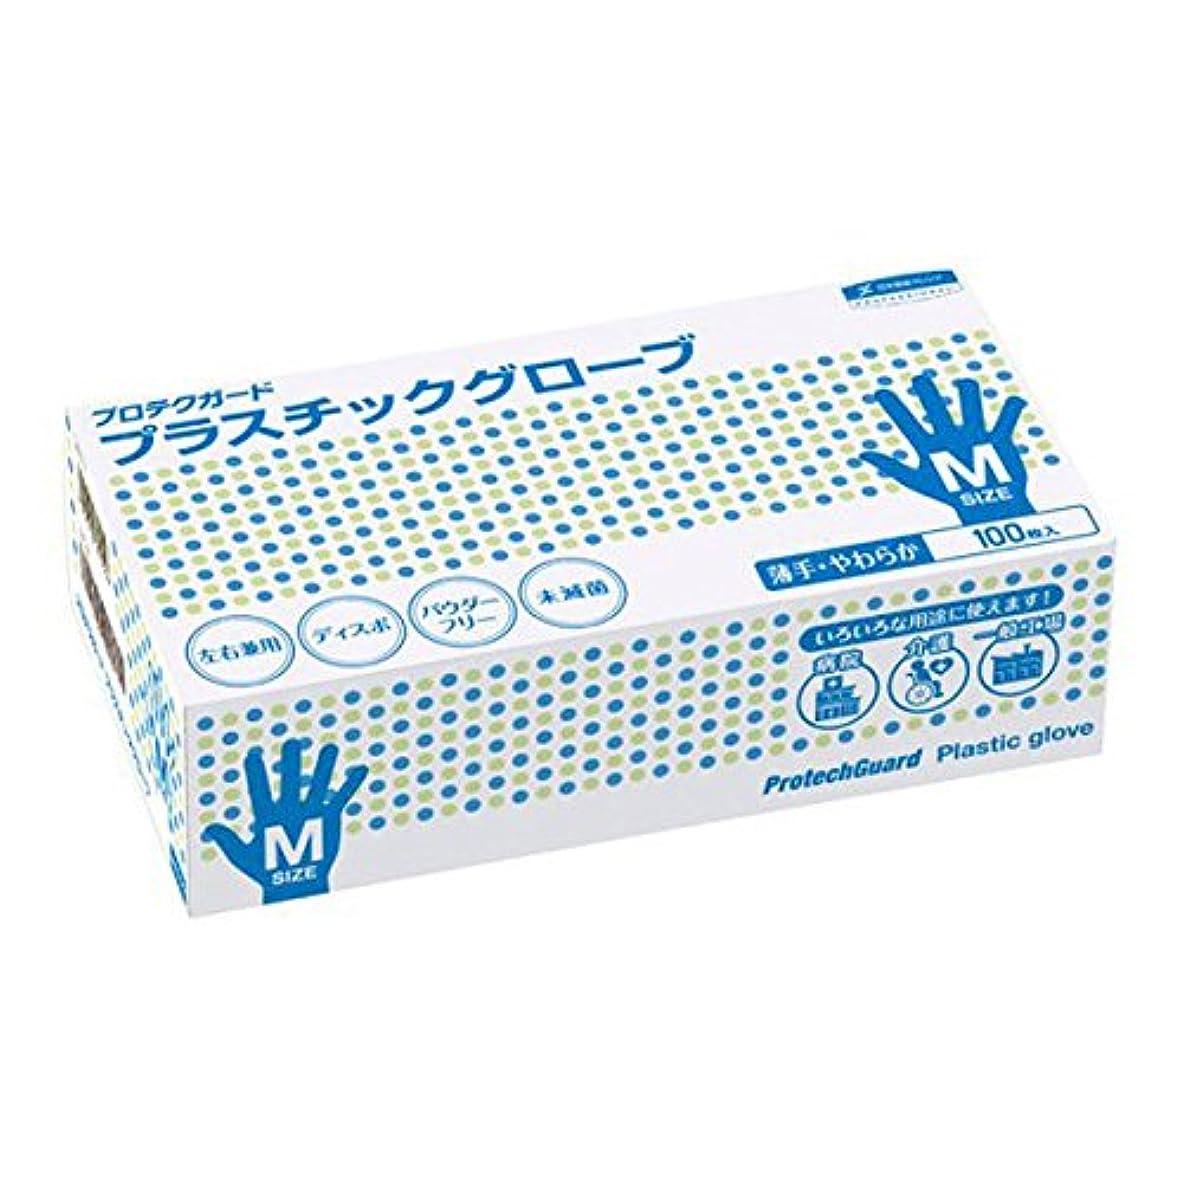 トラフィック者こする日本製紙クレシア:プロテクガード プラスチックグローブ Mサイズ 100枚×10ボックス